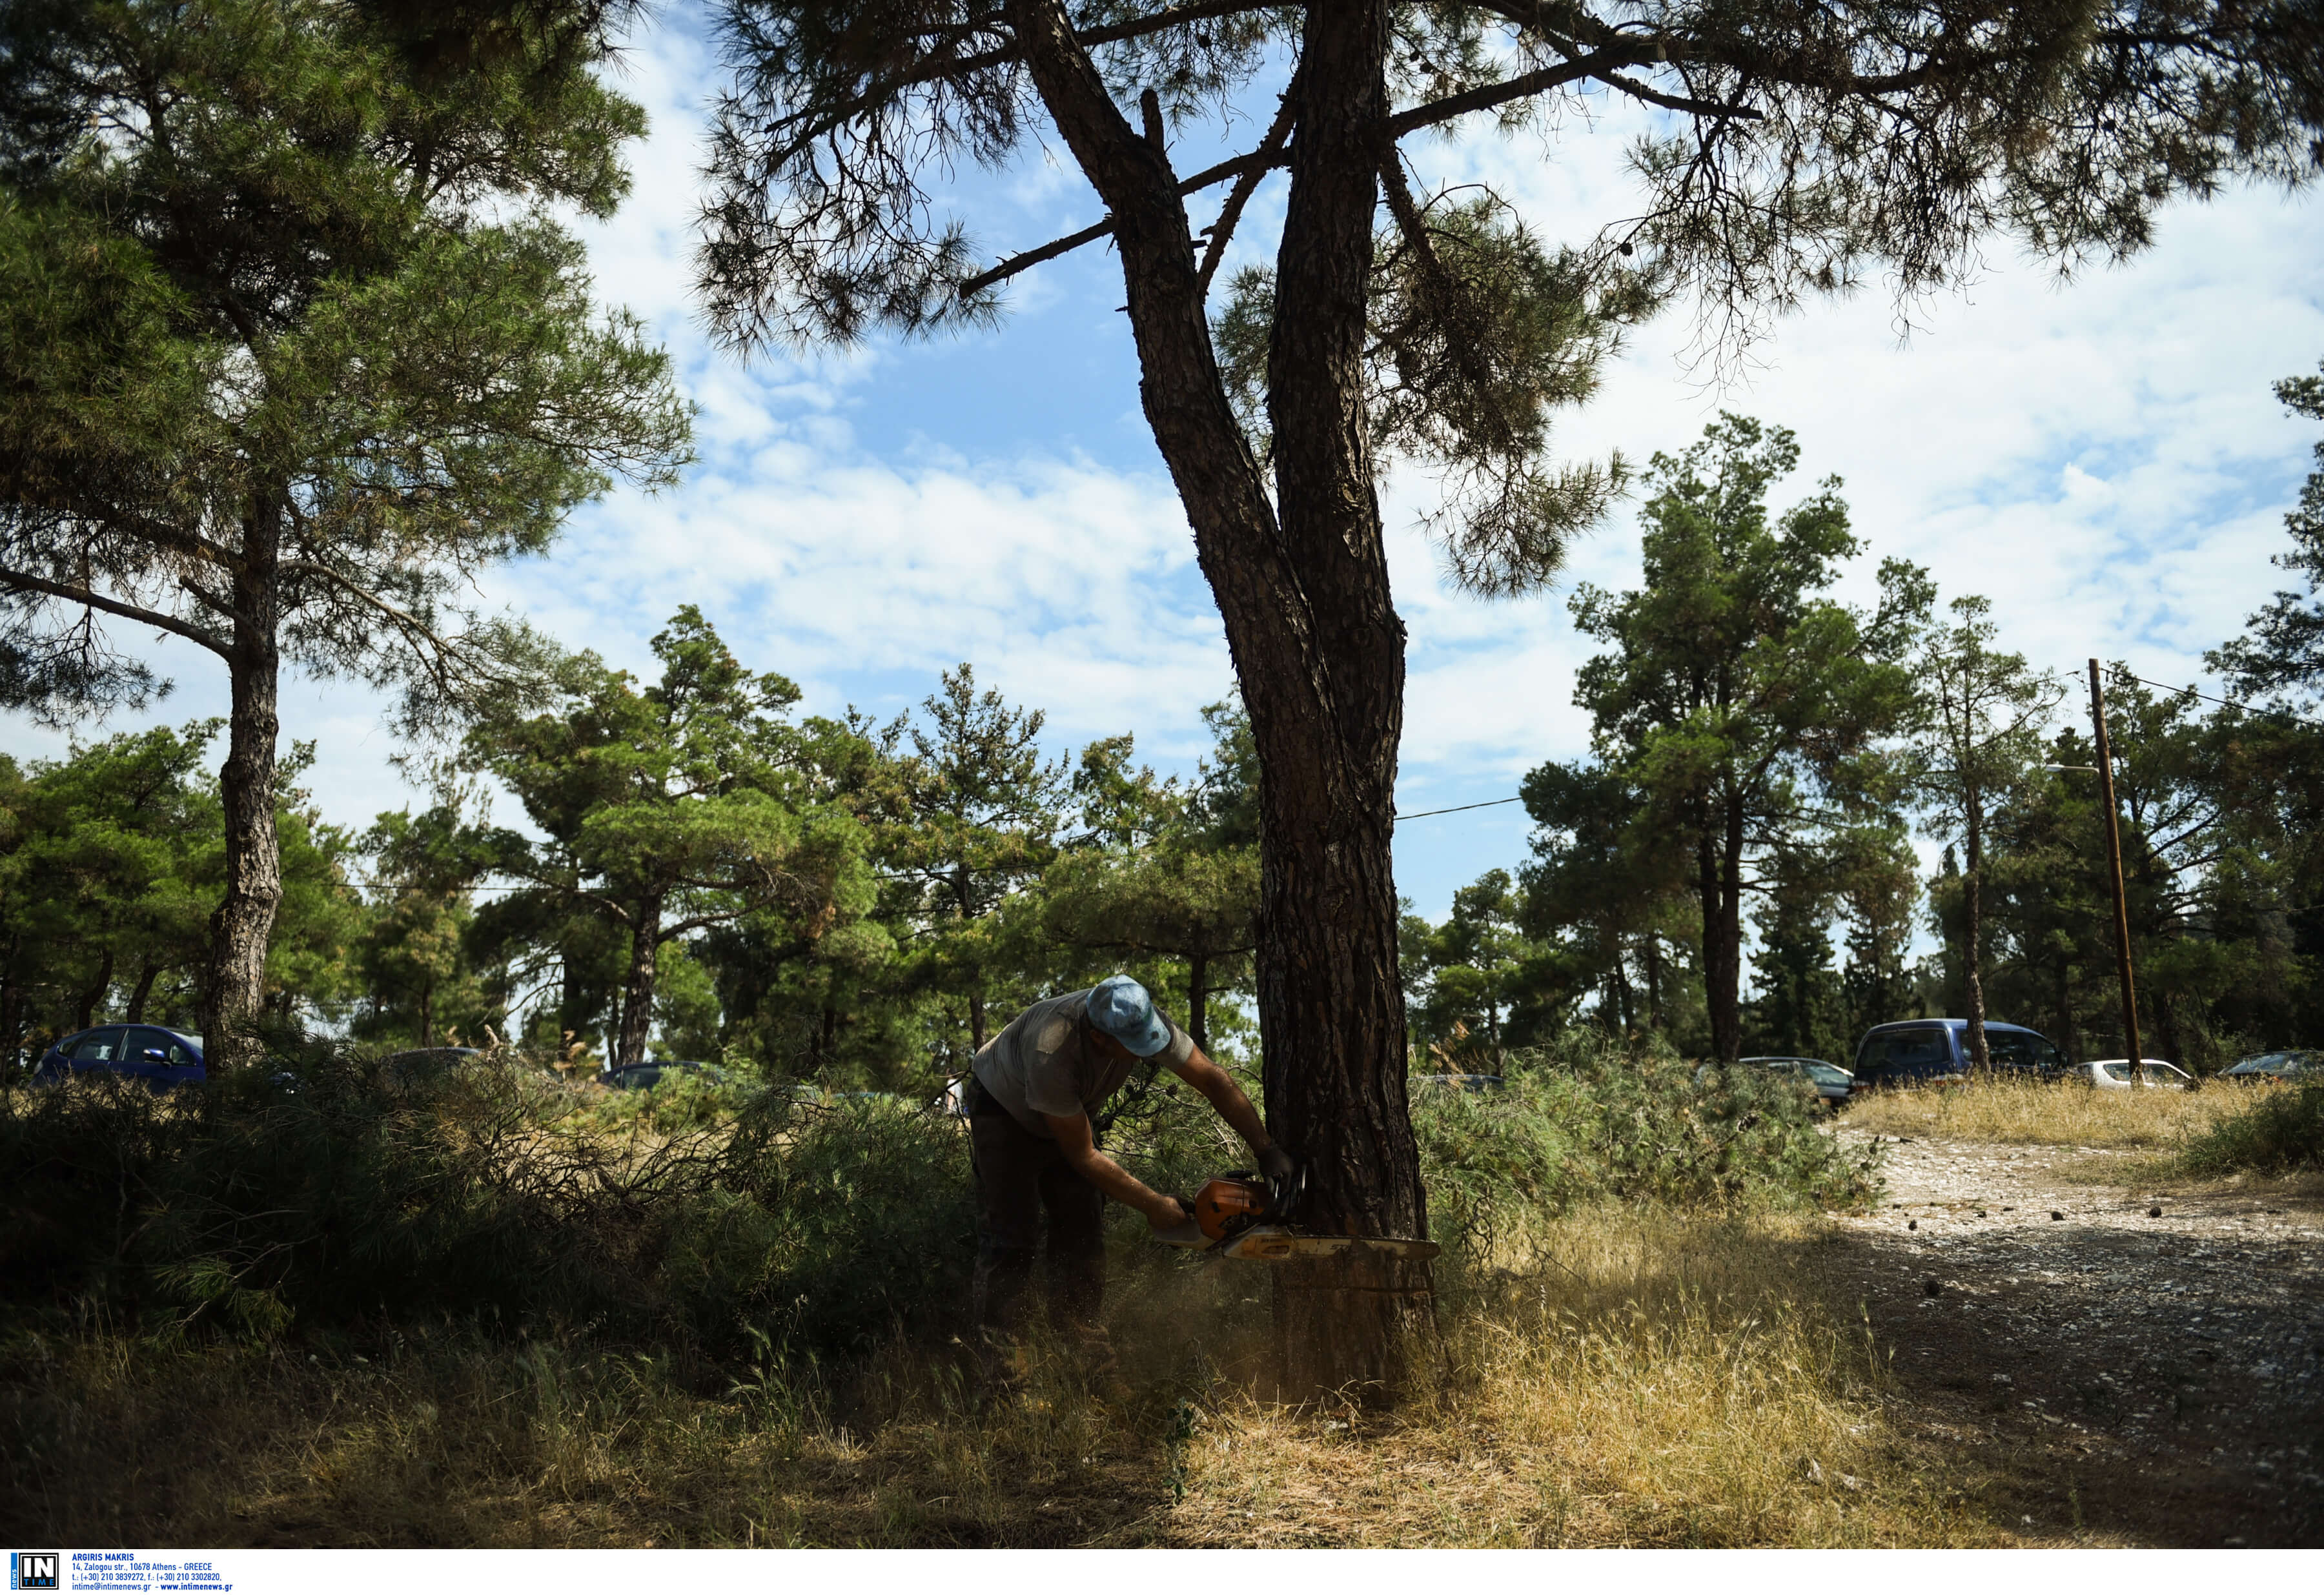 Θεσσαλονίκη: Αυτοί θα είναι οι νέοι «φρουροί» στο δάσος του Σέιχ Σου